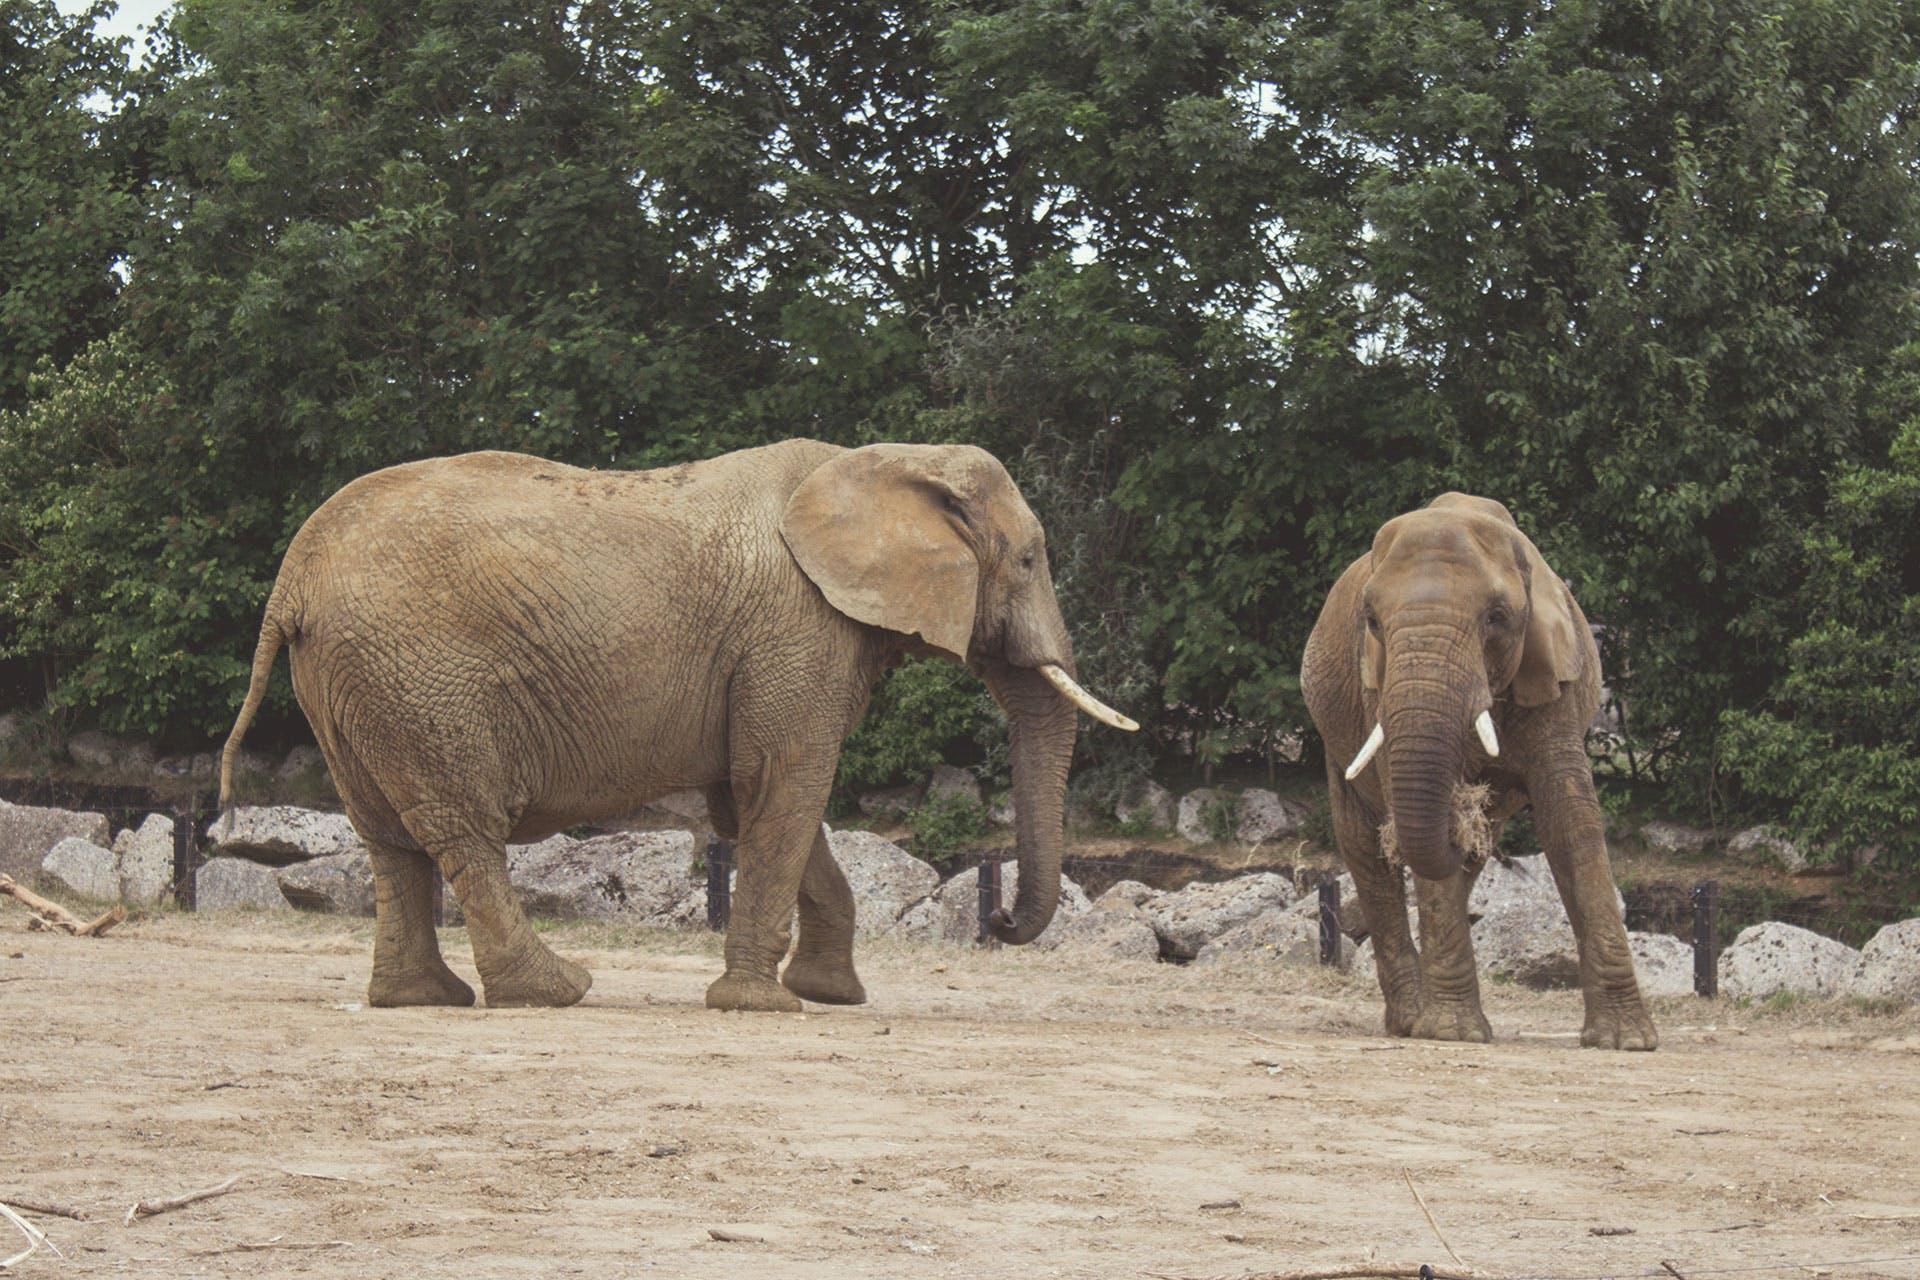 Gratis lagerfoto af afrika, dyr, elefanter, pattedyr